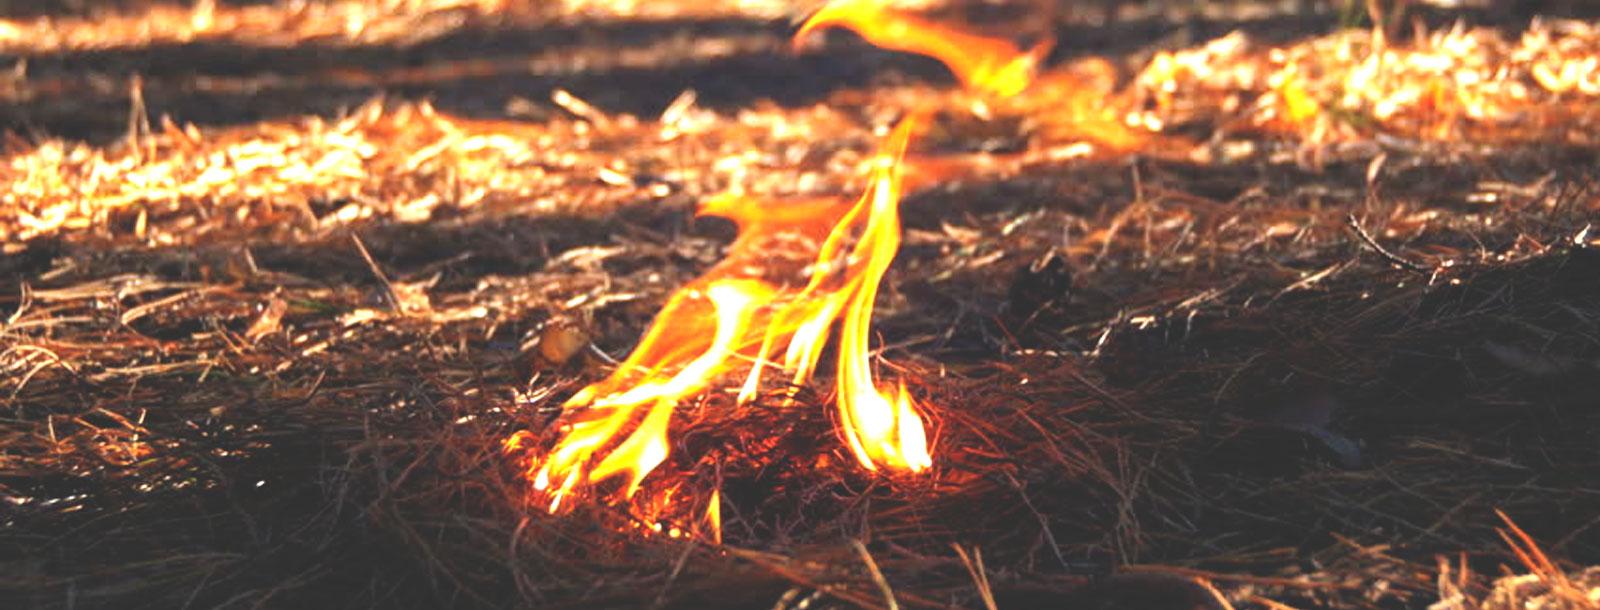 PuroPellet: Trabajando por un 2018 sin incendios forestales